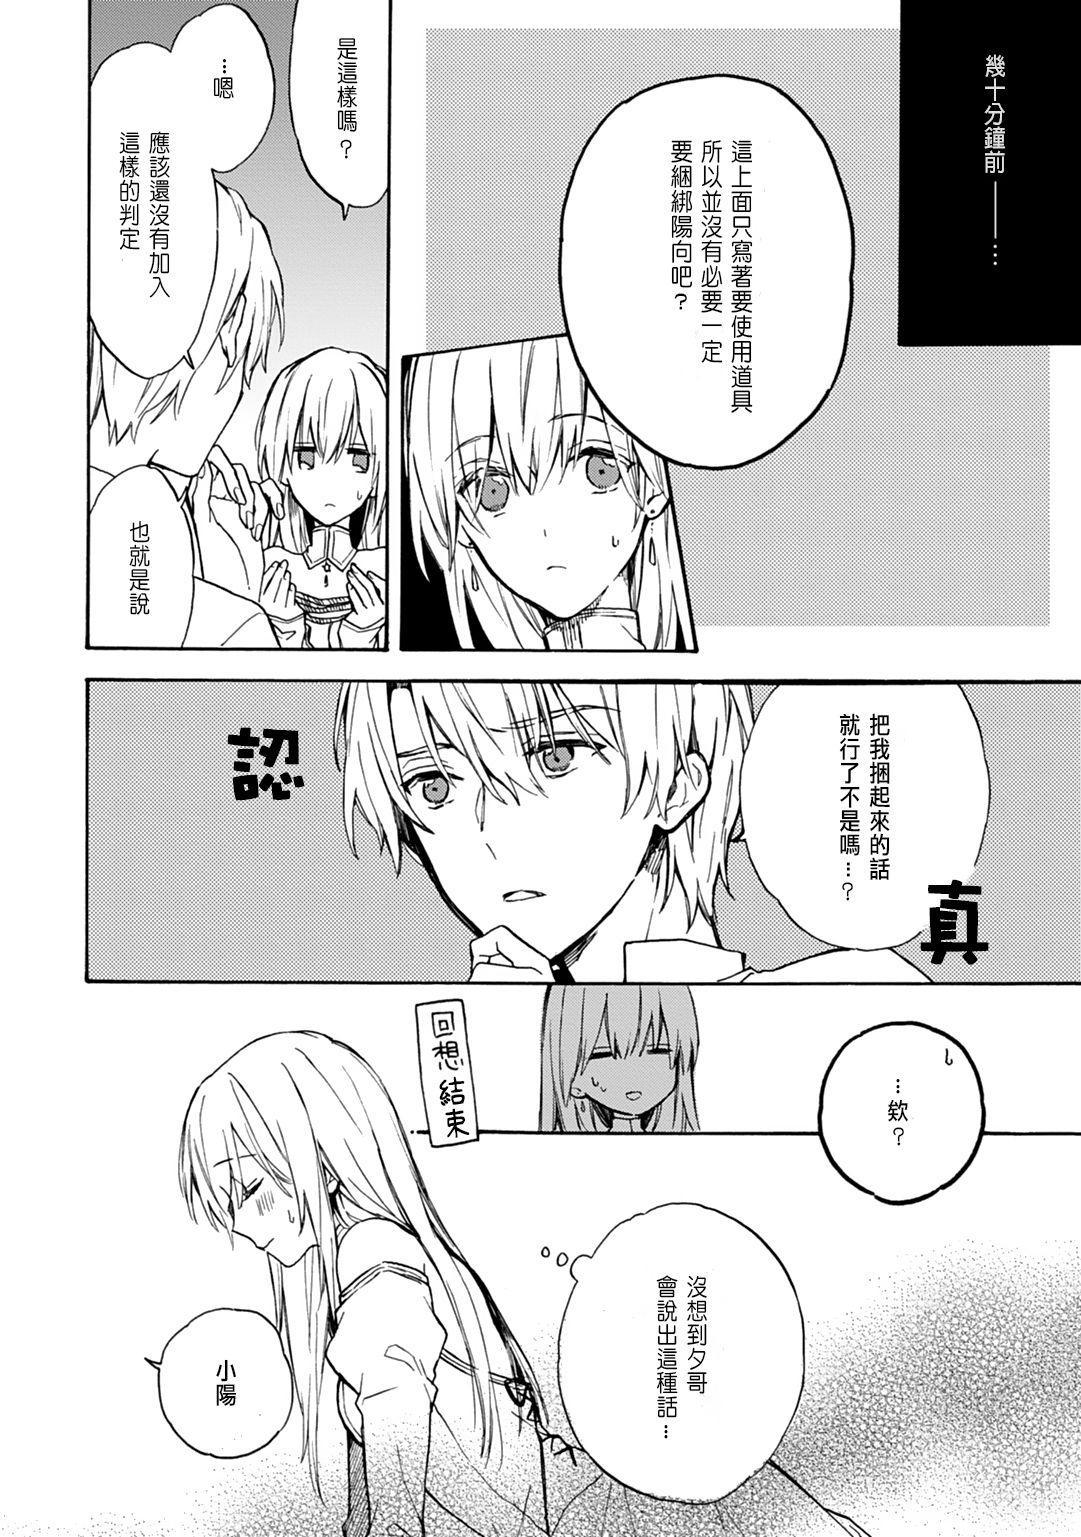 [Suzushiro Nerita] Otomege (18-kin) de Nyotaika shita Ore wa ~Clear Jouken wa Dekiai Ecchi!?~ 1-3 [Chinese] 47